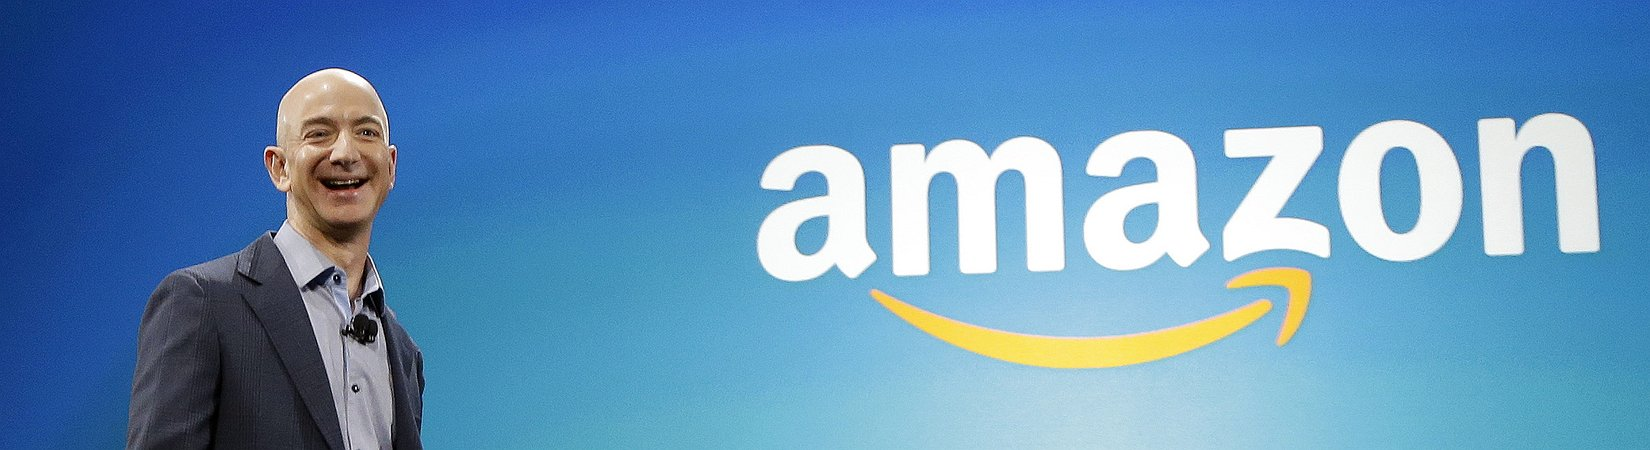 20 лет на бирже: Успехи Amazon в цифрах